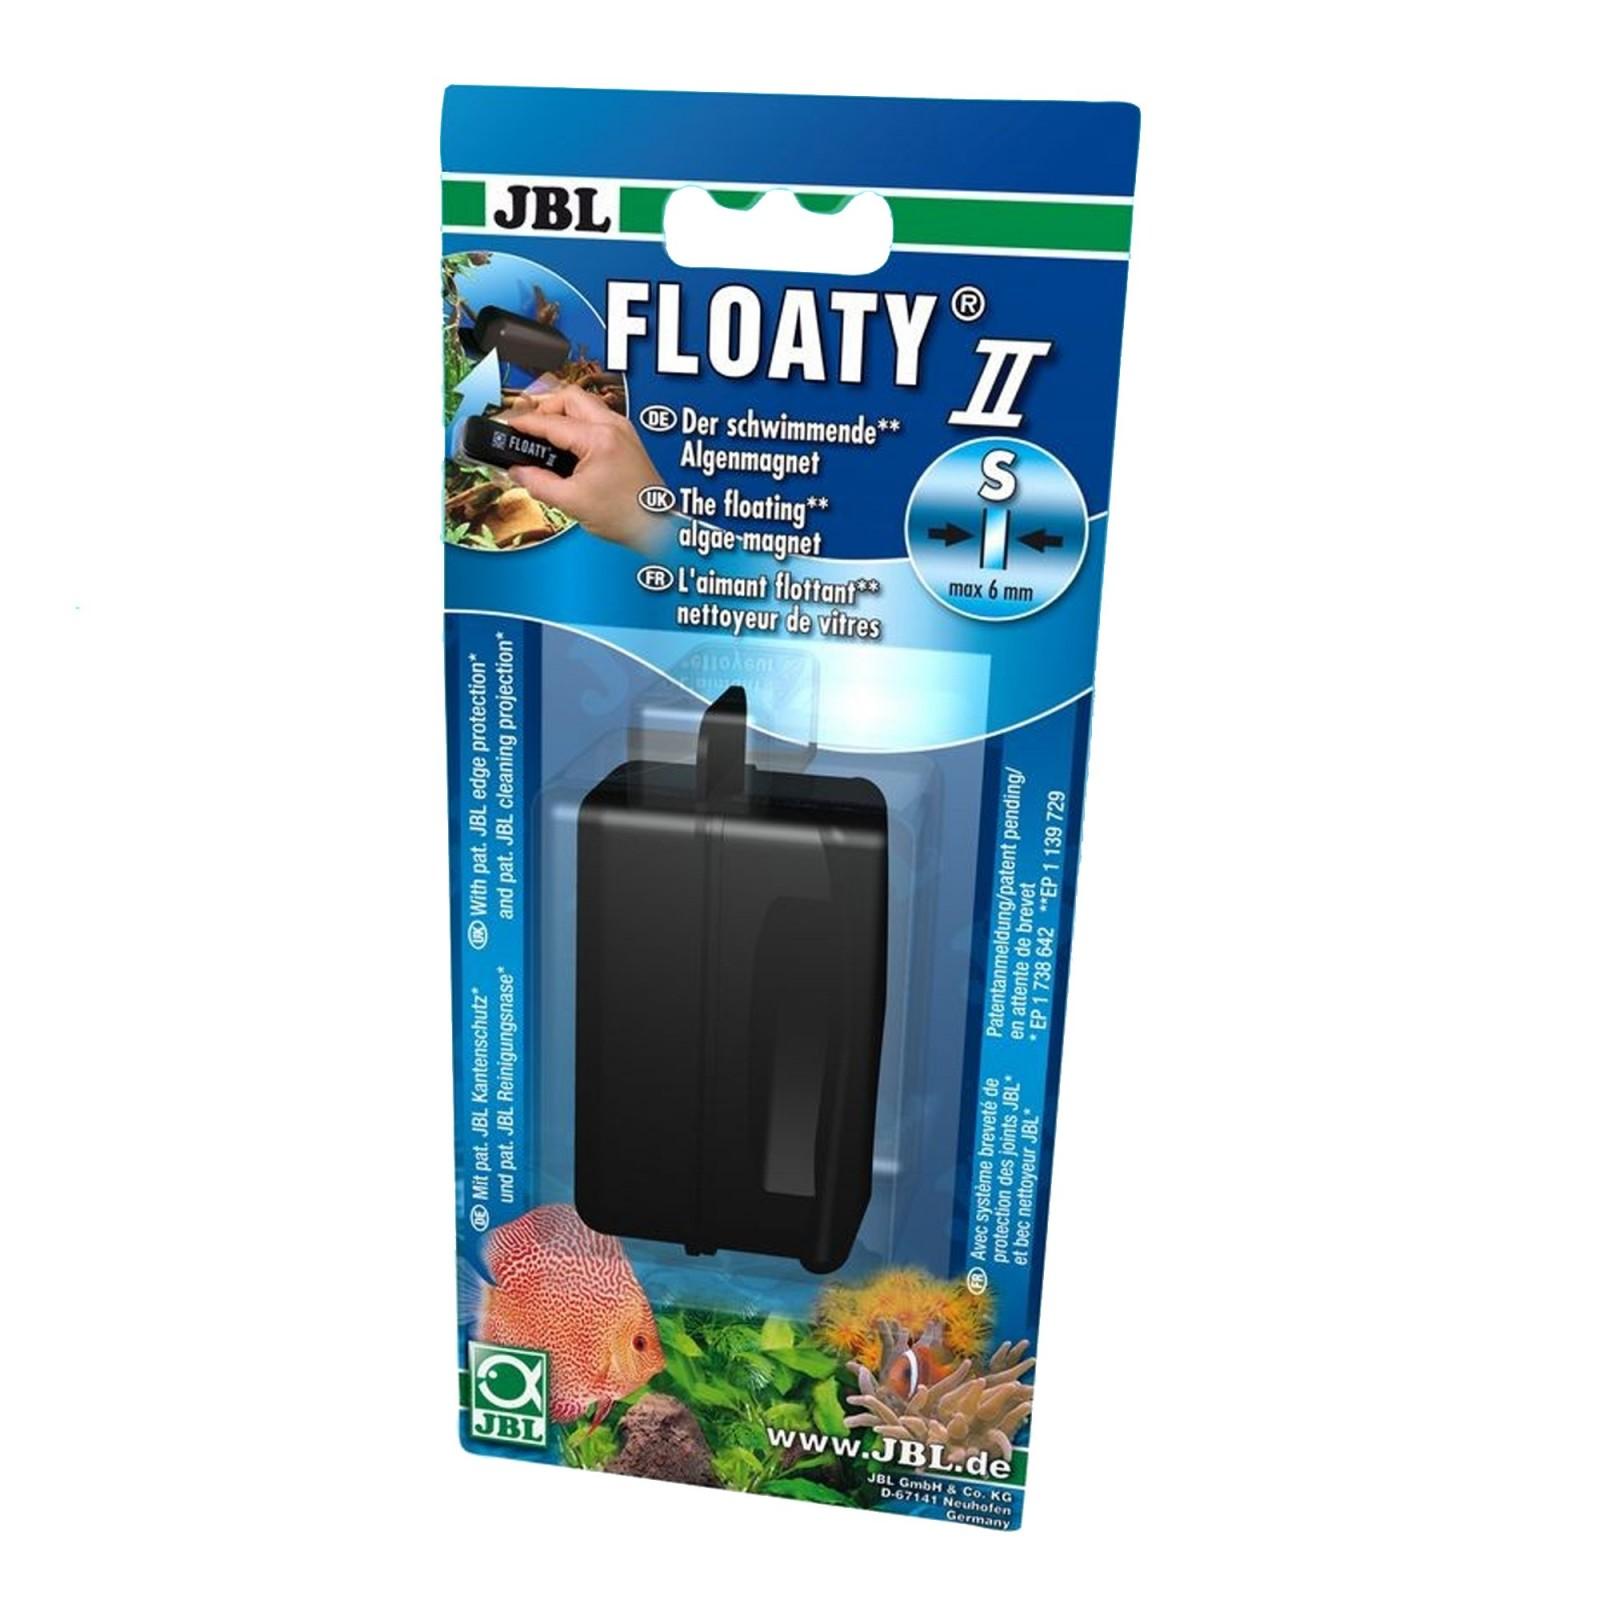 JBL Floaty II S Spazzola Magnetica Galleggiante per acquario con Vetri Fino A 6mm